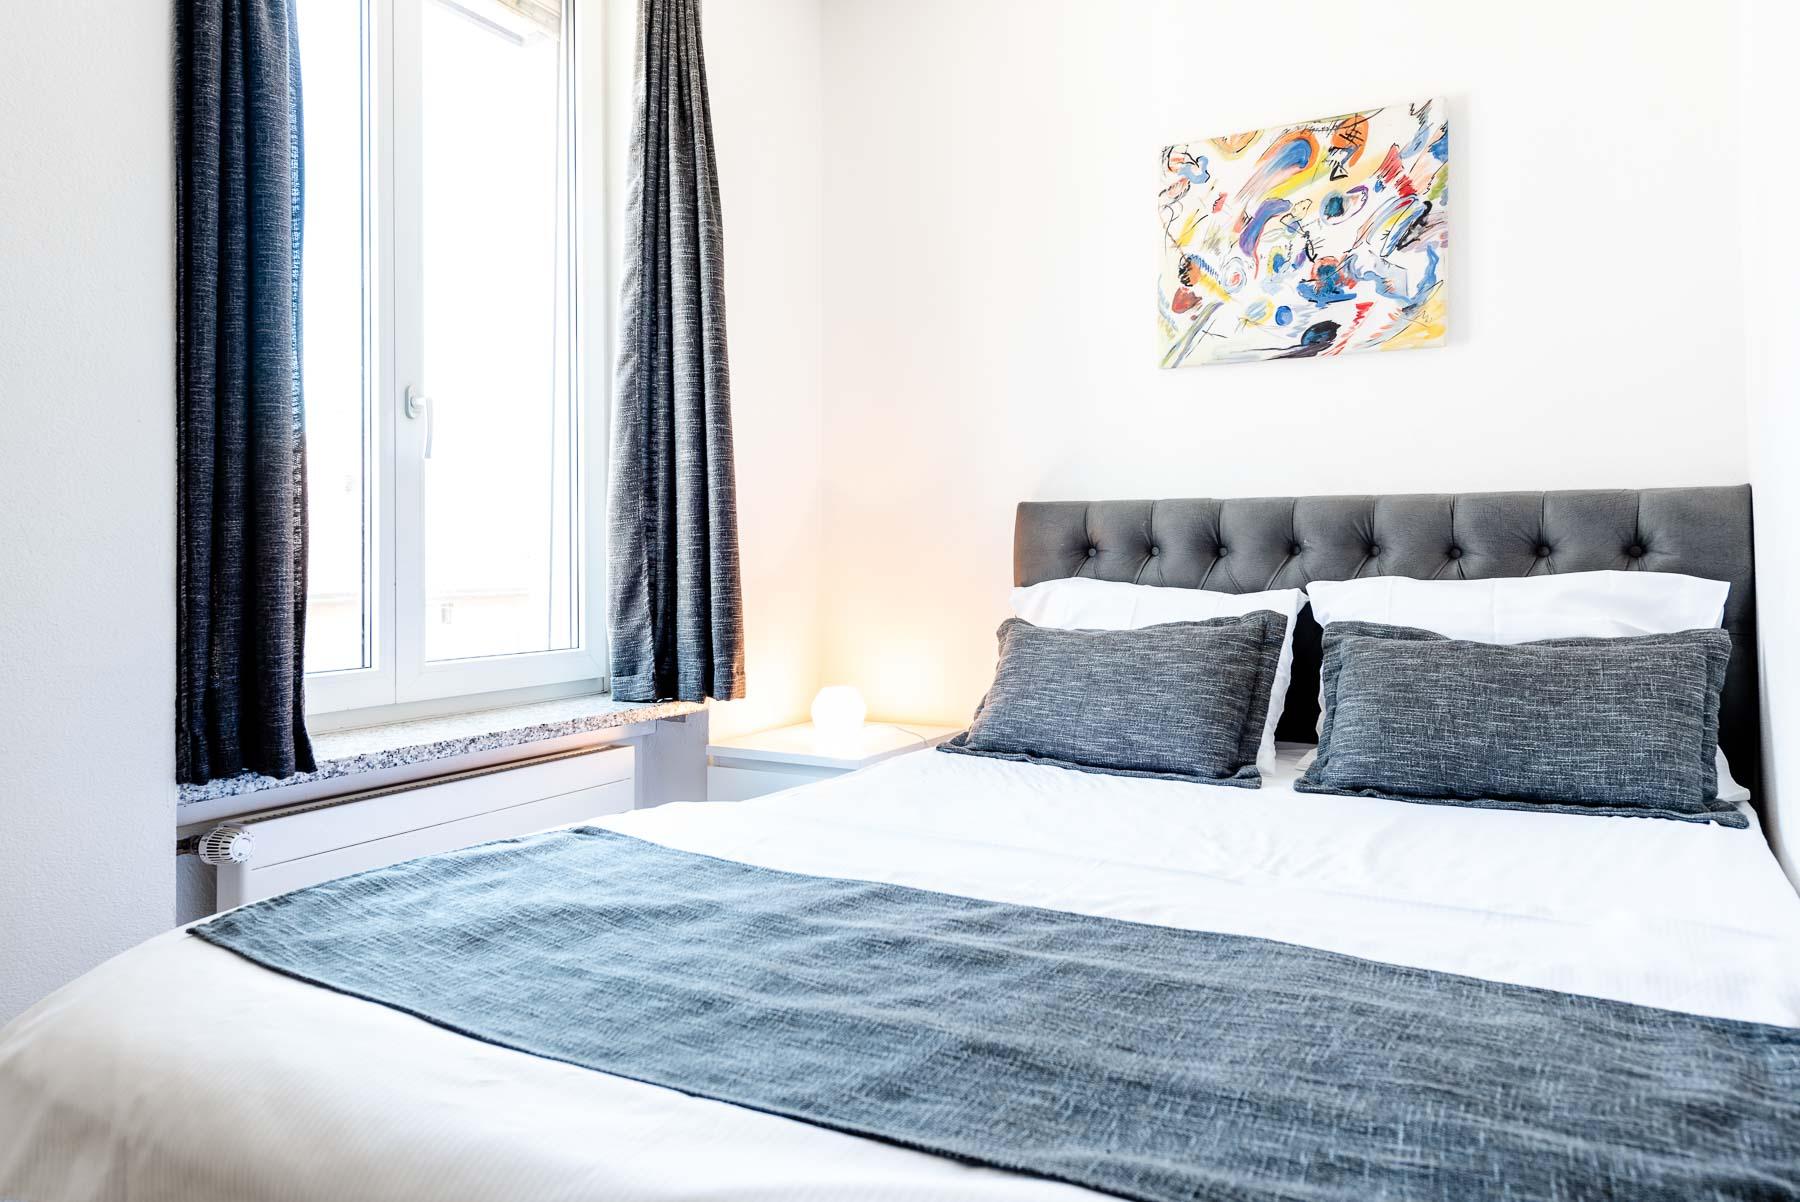 Full Size of Standard Studio Mit Kingsize Bett Iq130hotel Weiß 180x200 Dänisches Bettenlager Badezimmer Matratze Und Lattenrost 120x200 Bettkasten Schlafzimmer Set Bett King Size Bett